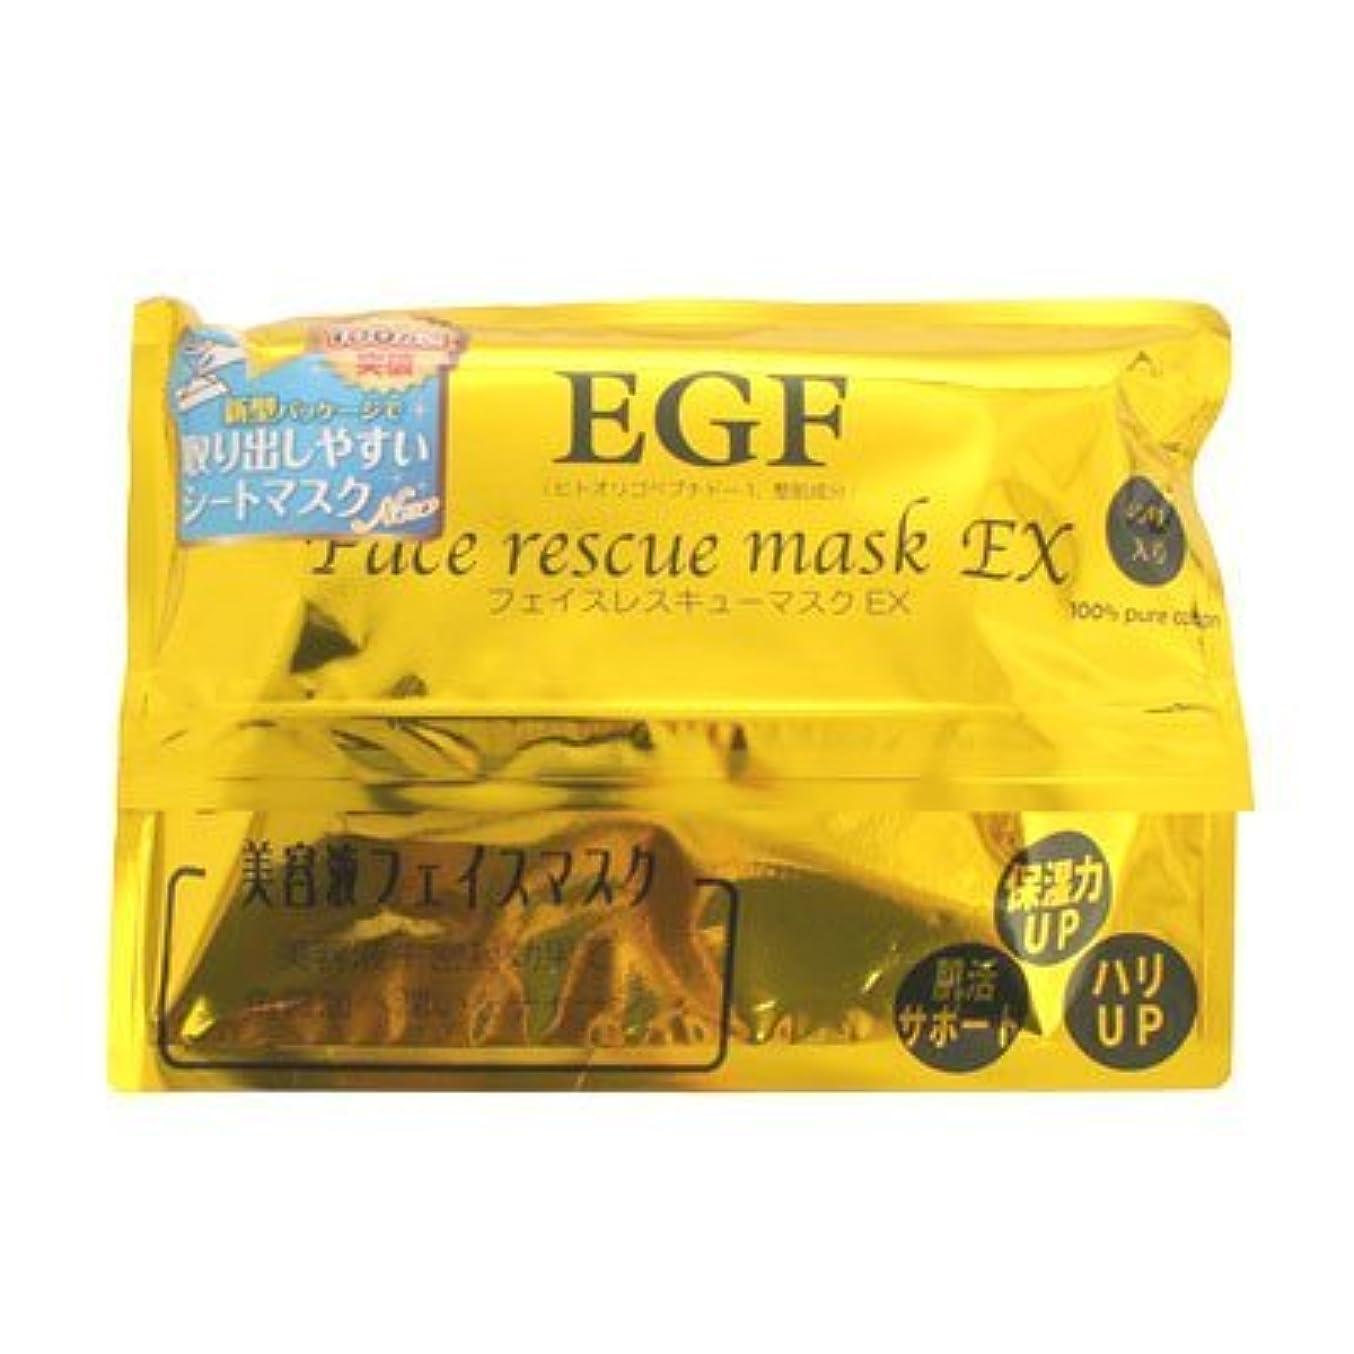 動員する宙返り退屈なEGF フェイス レスキュー マスク EX (40枚入り)